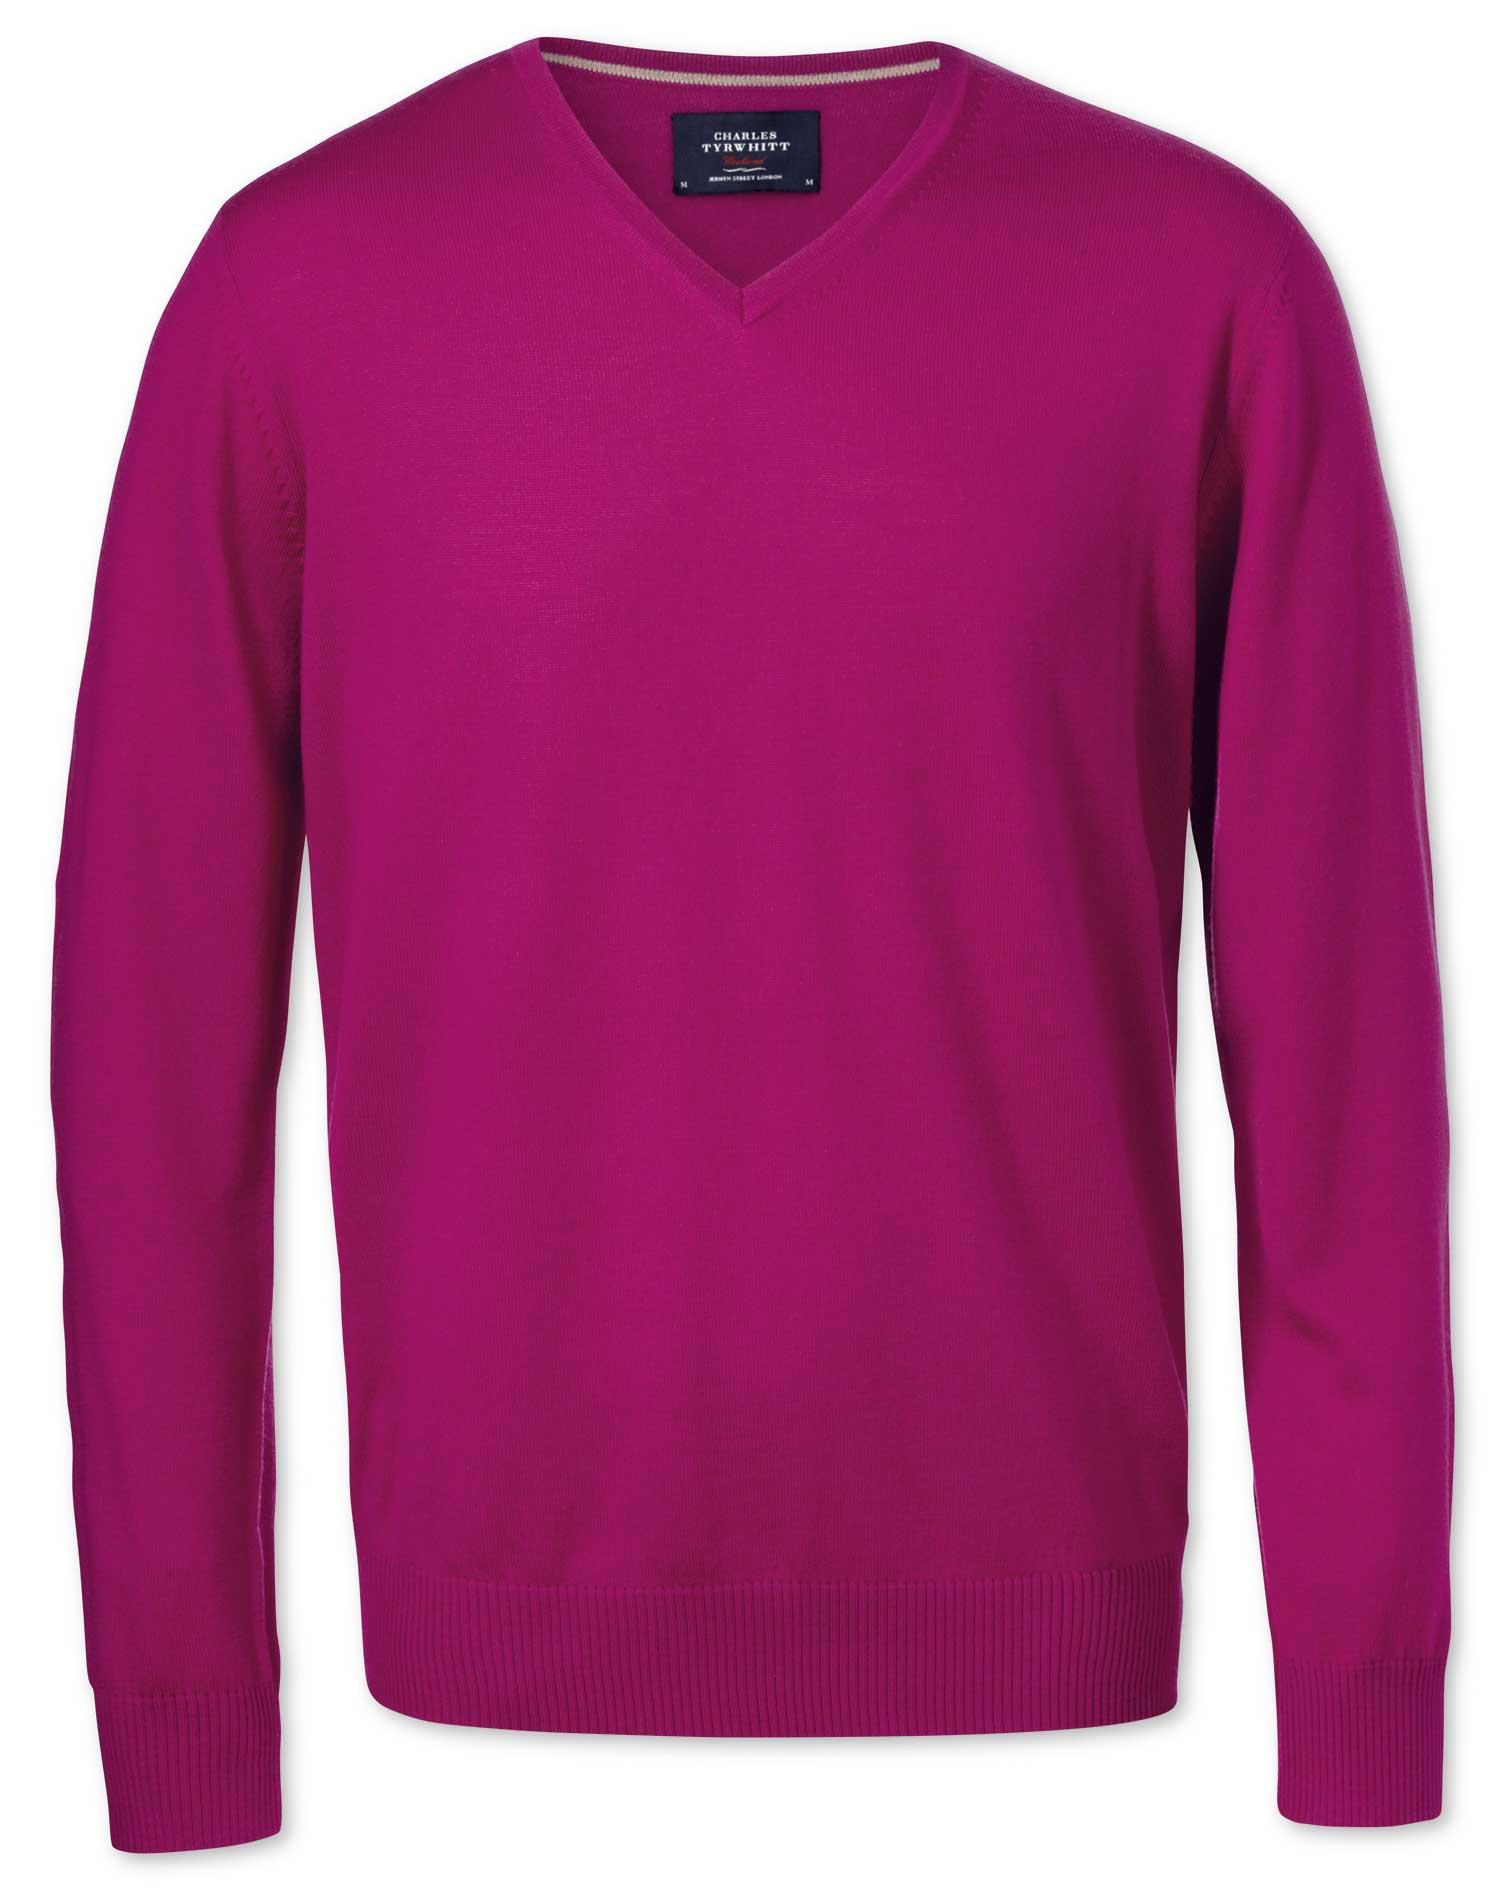 Fuchsia Merino Wool V-Neck Jumper Size XXXL by Charles Tyrwhitt